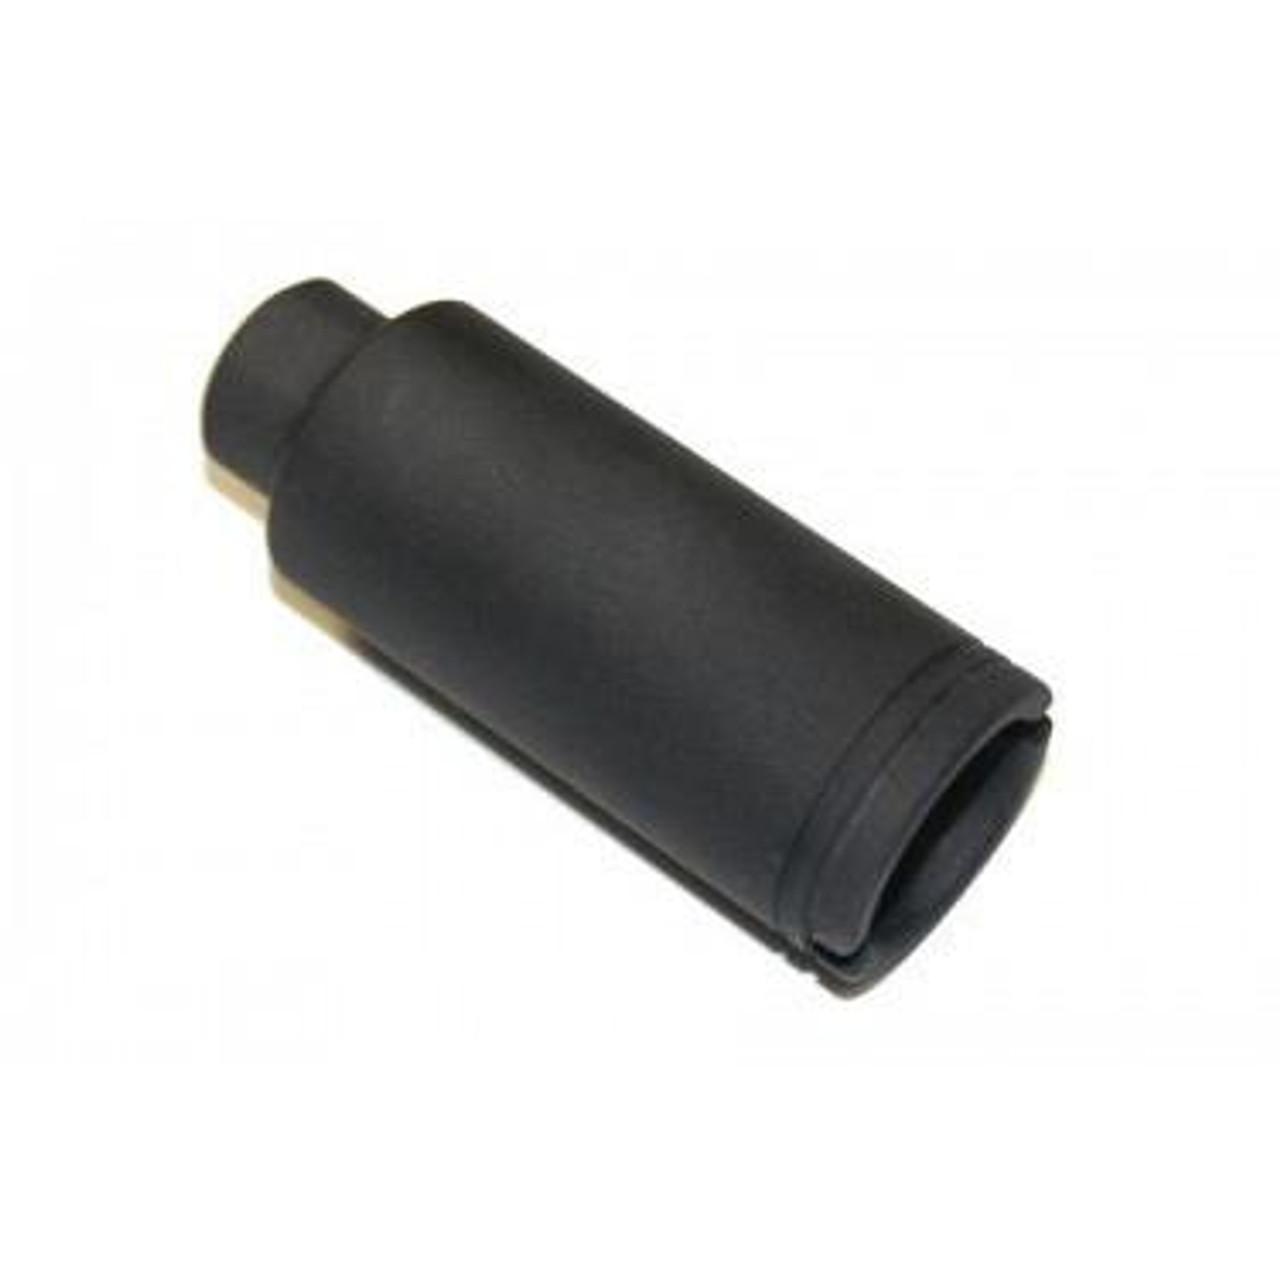 Guntec Slim Line Cone Flash Can AR15/M4 1/2x28